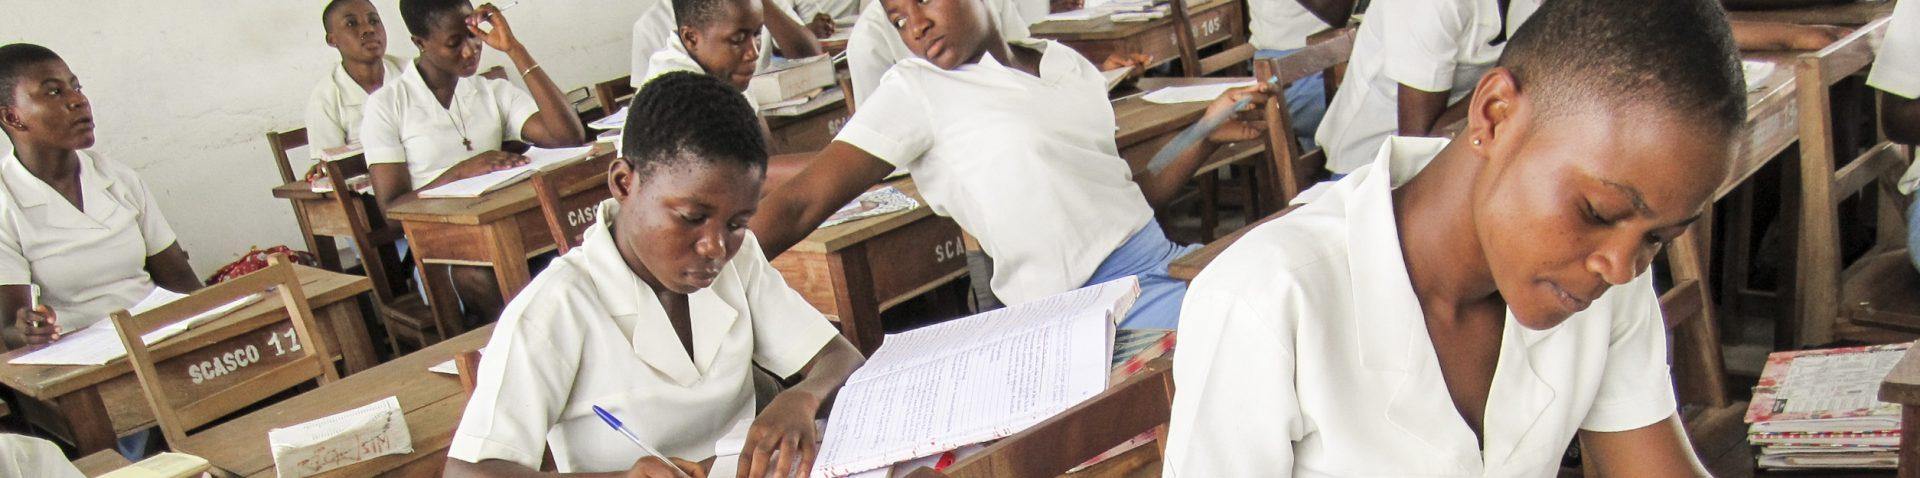 Afrikaanse studenten in de klas maken huiswerk